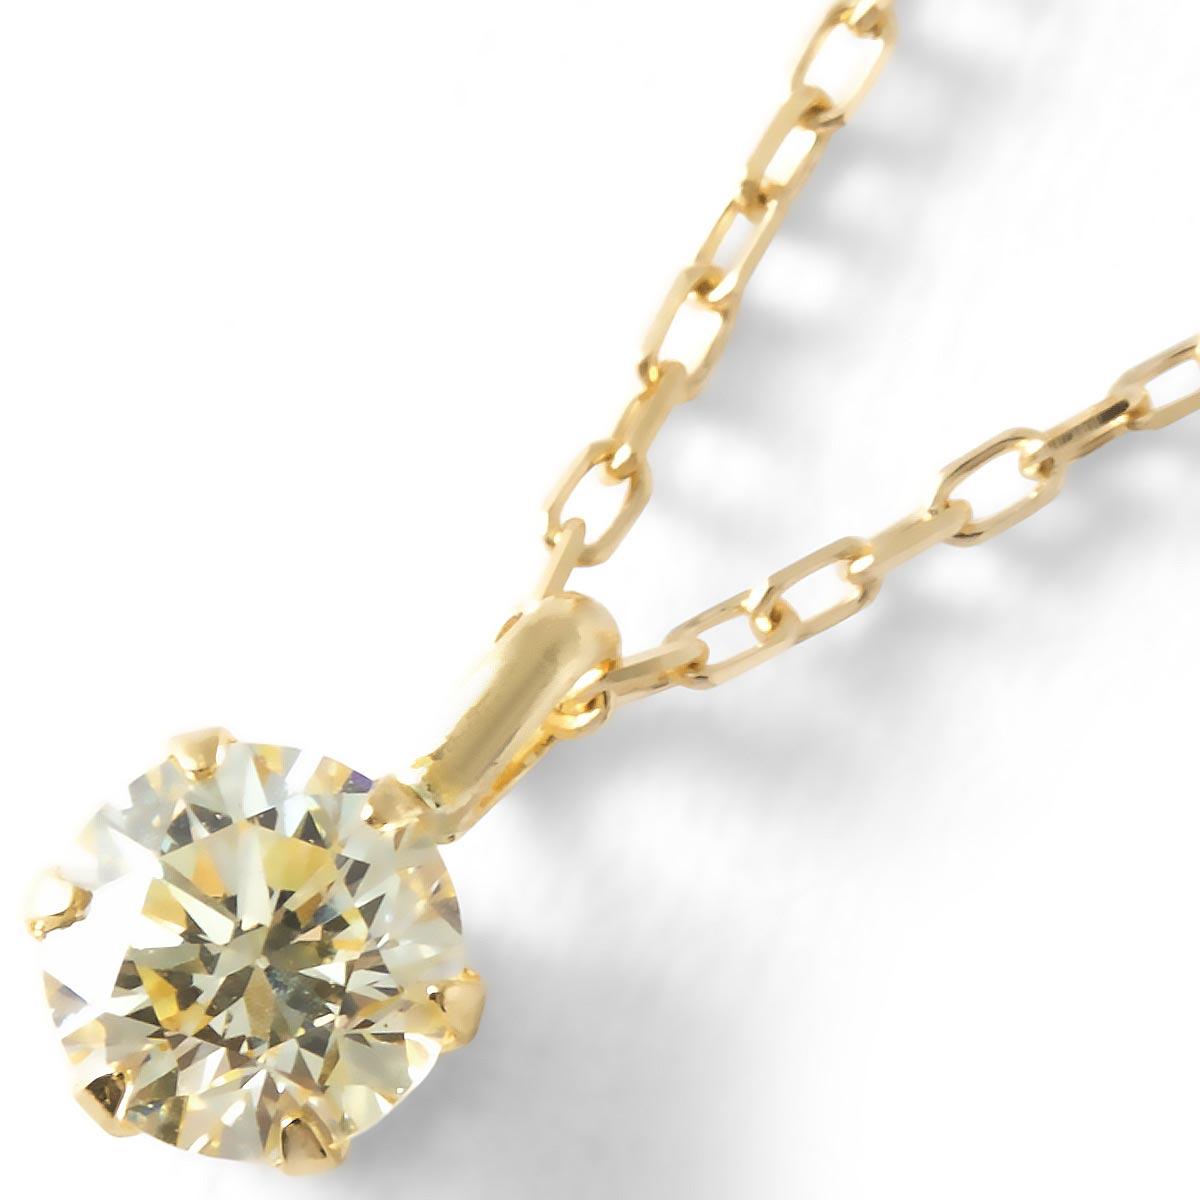 ジュエリー ネックレス アクセサリー レディース ダイヤモンド 一粒 0.2ct K18 クリア&イエローゴールド DS20096 YG JEWELRY